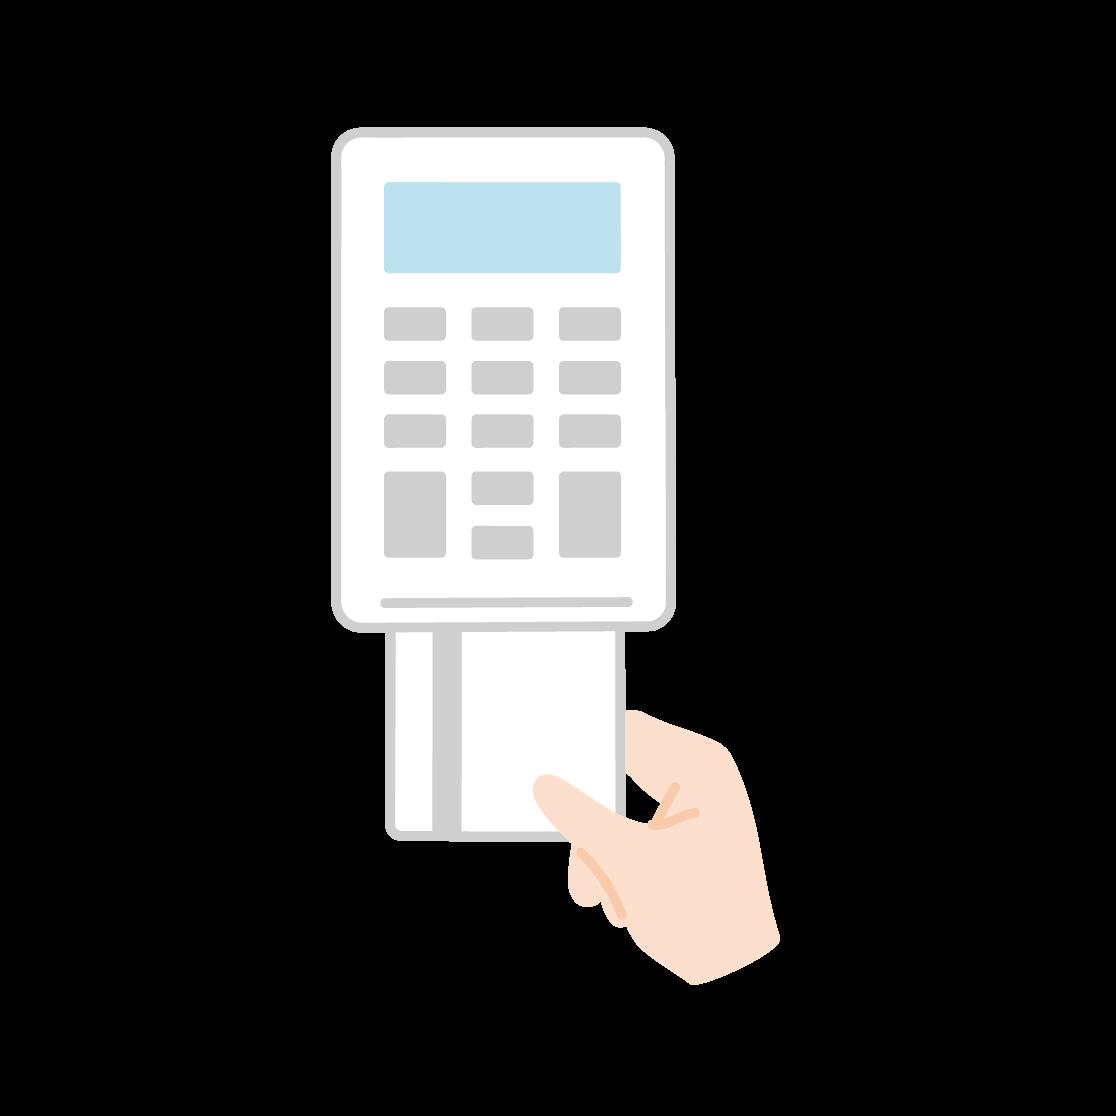 クレジットカード決済のイラスト(塗り)